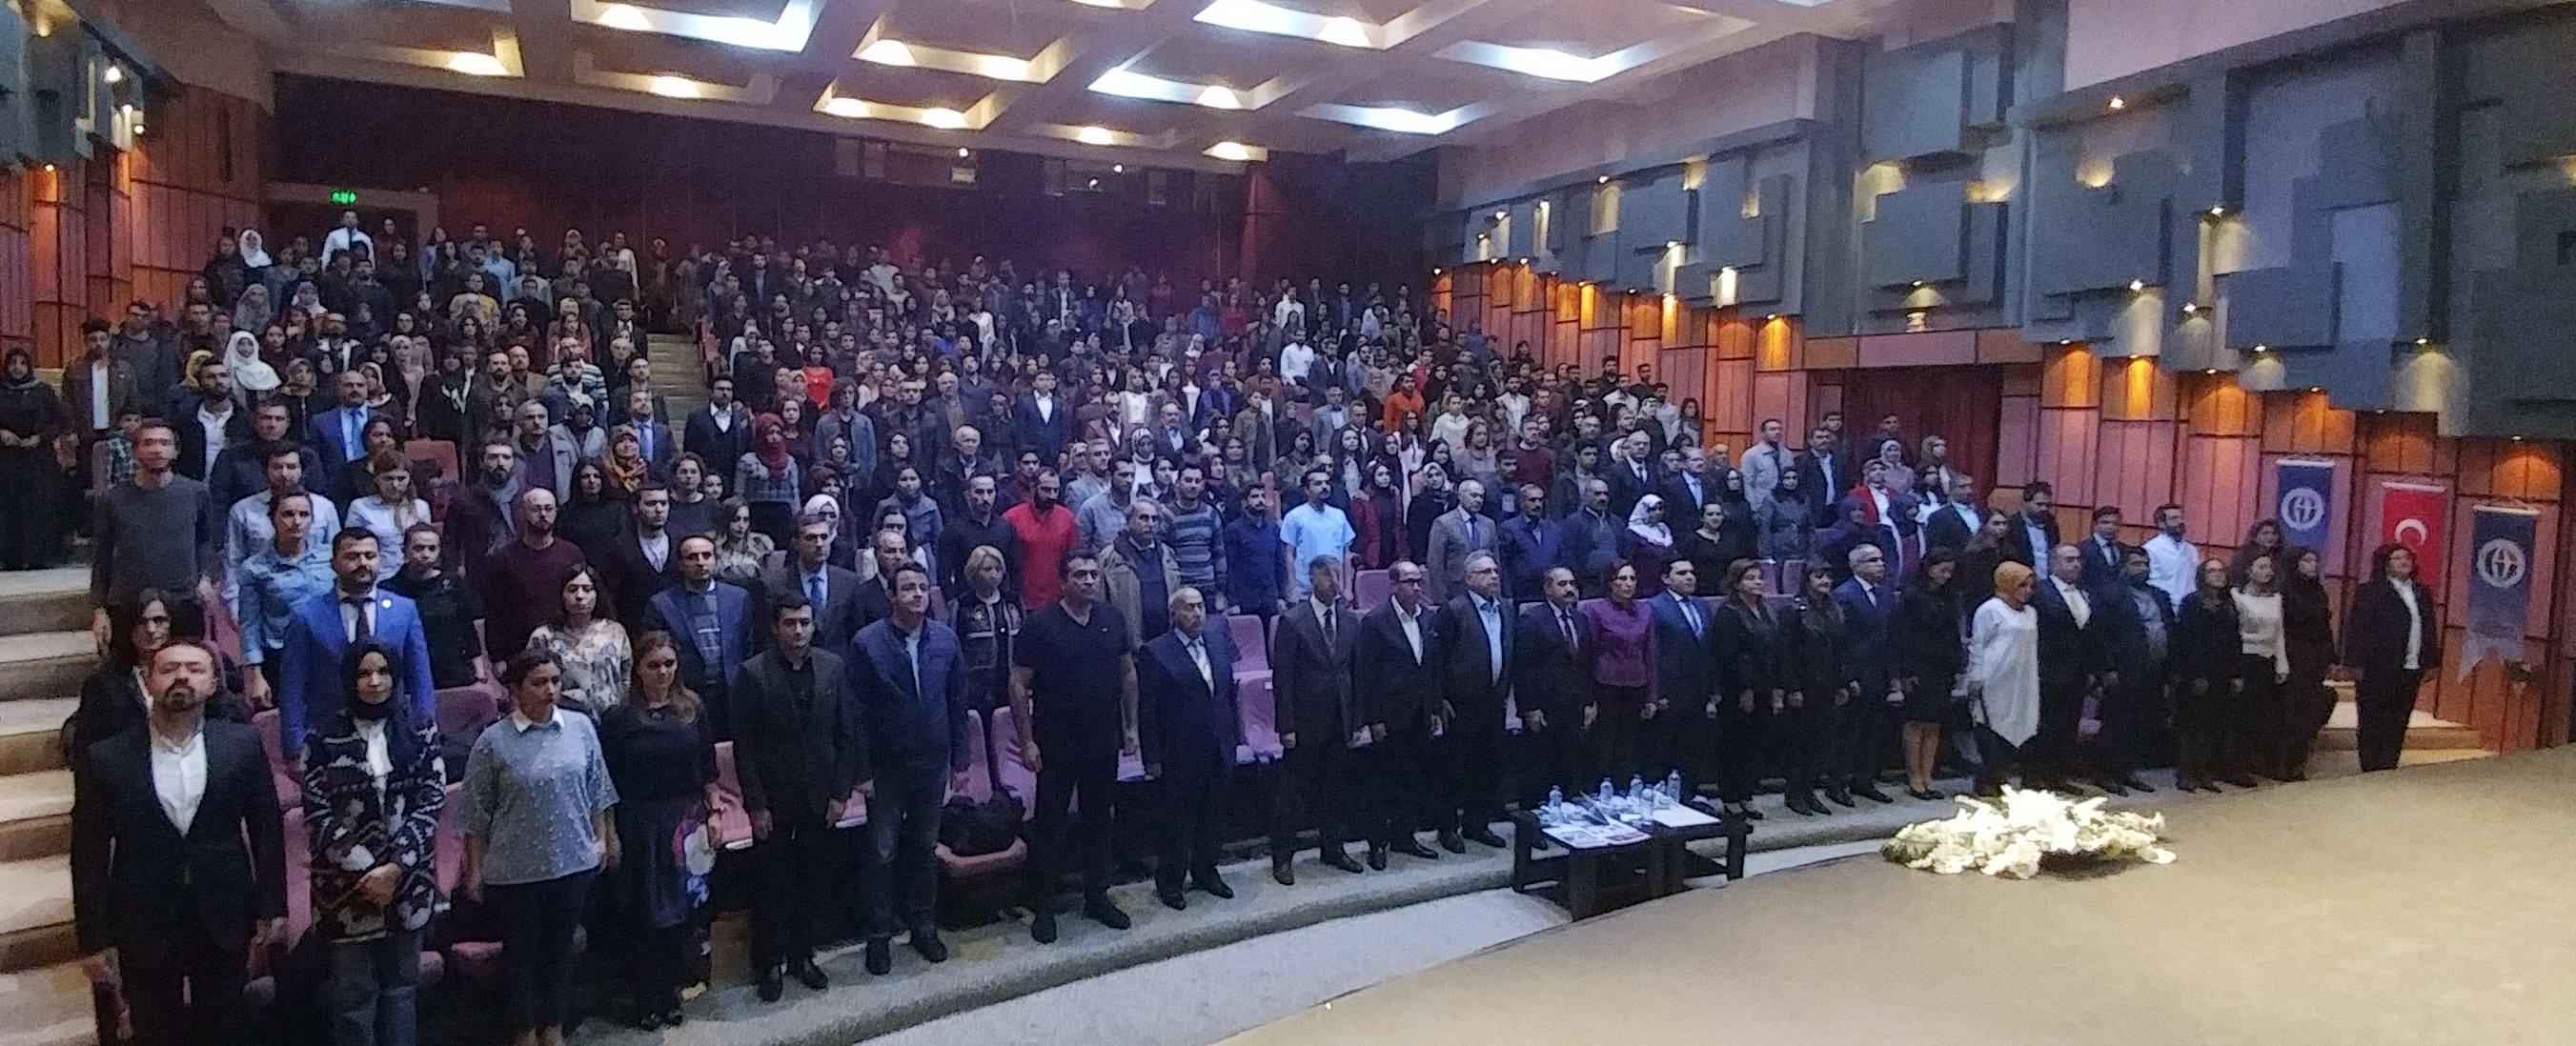 GAÜN'DE 74 ÖĞRENCİ BEYAZ ÖNLÜK GİYDİ -  (3)